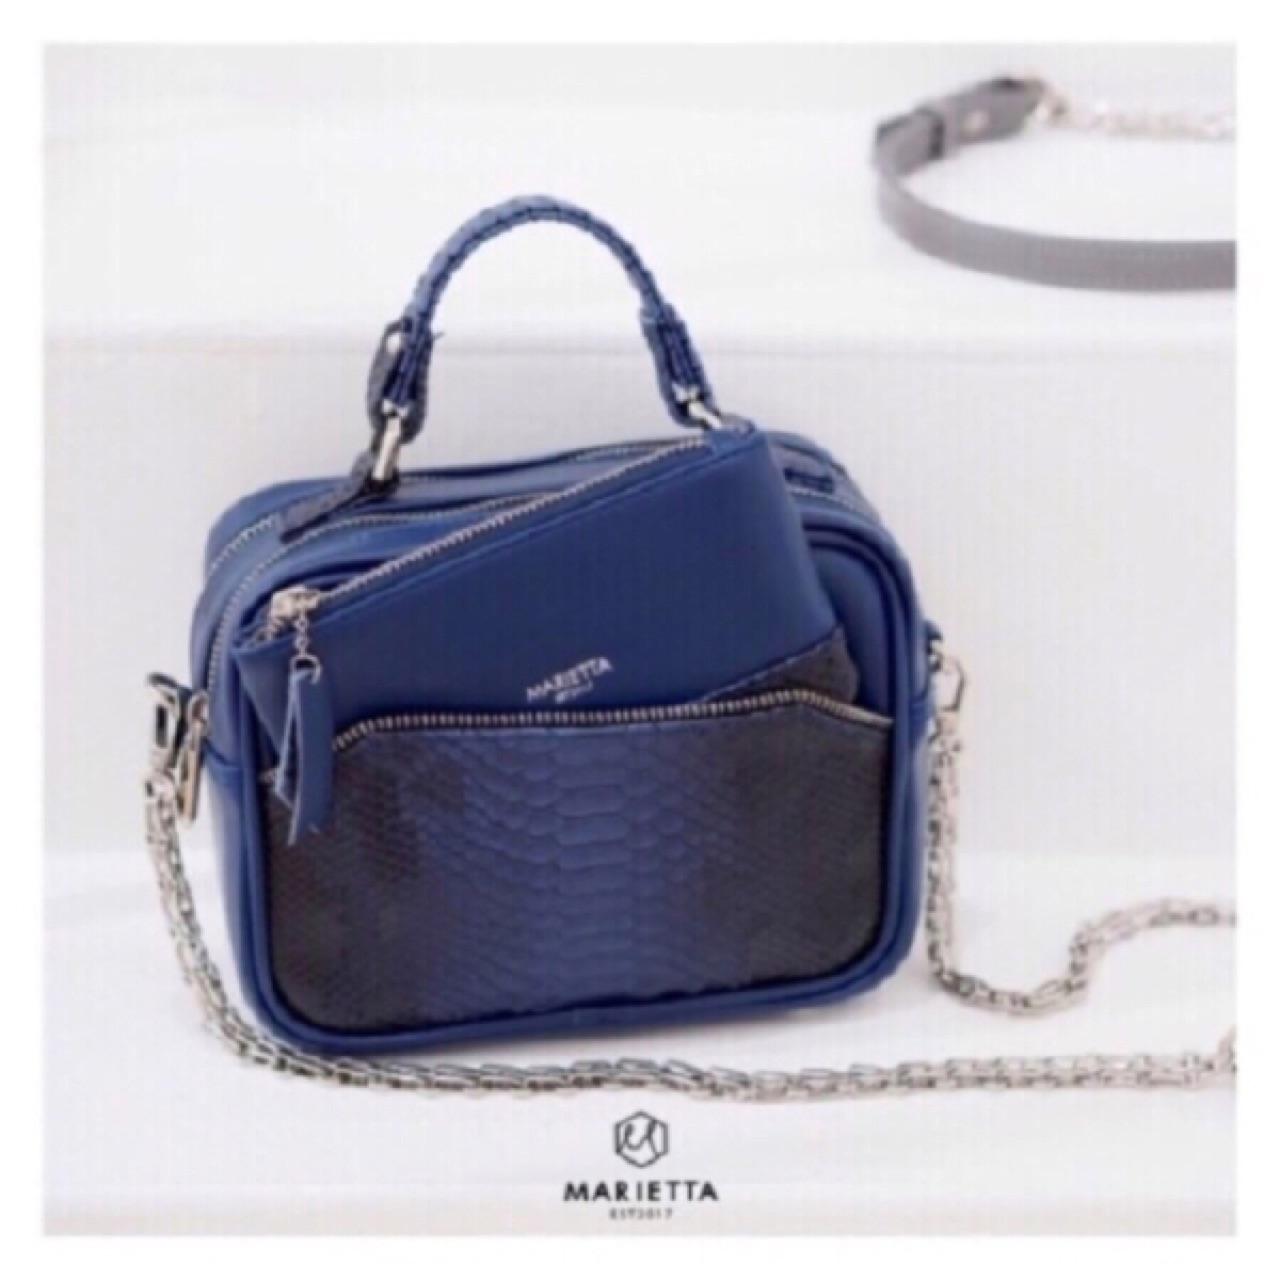 กระเป๋า,กระเป๋าหนัง,กระเป๋าถือ,กระเป๋าสะพาย,กระเป๋าผู้หญิง